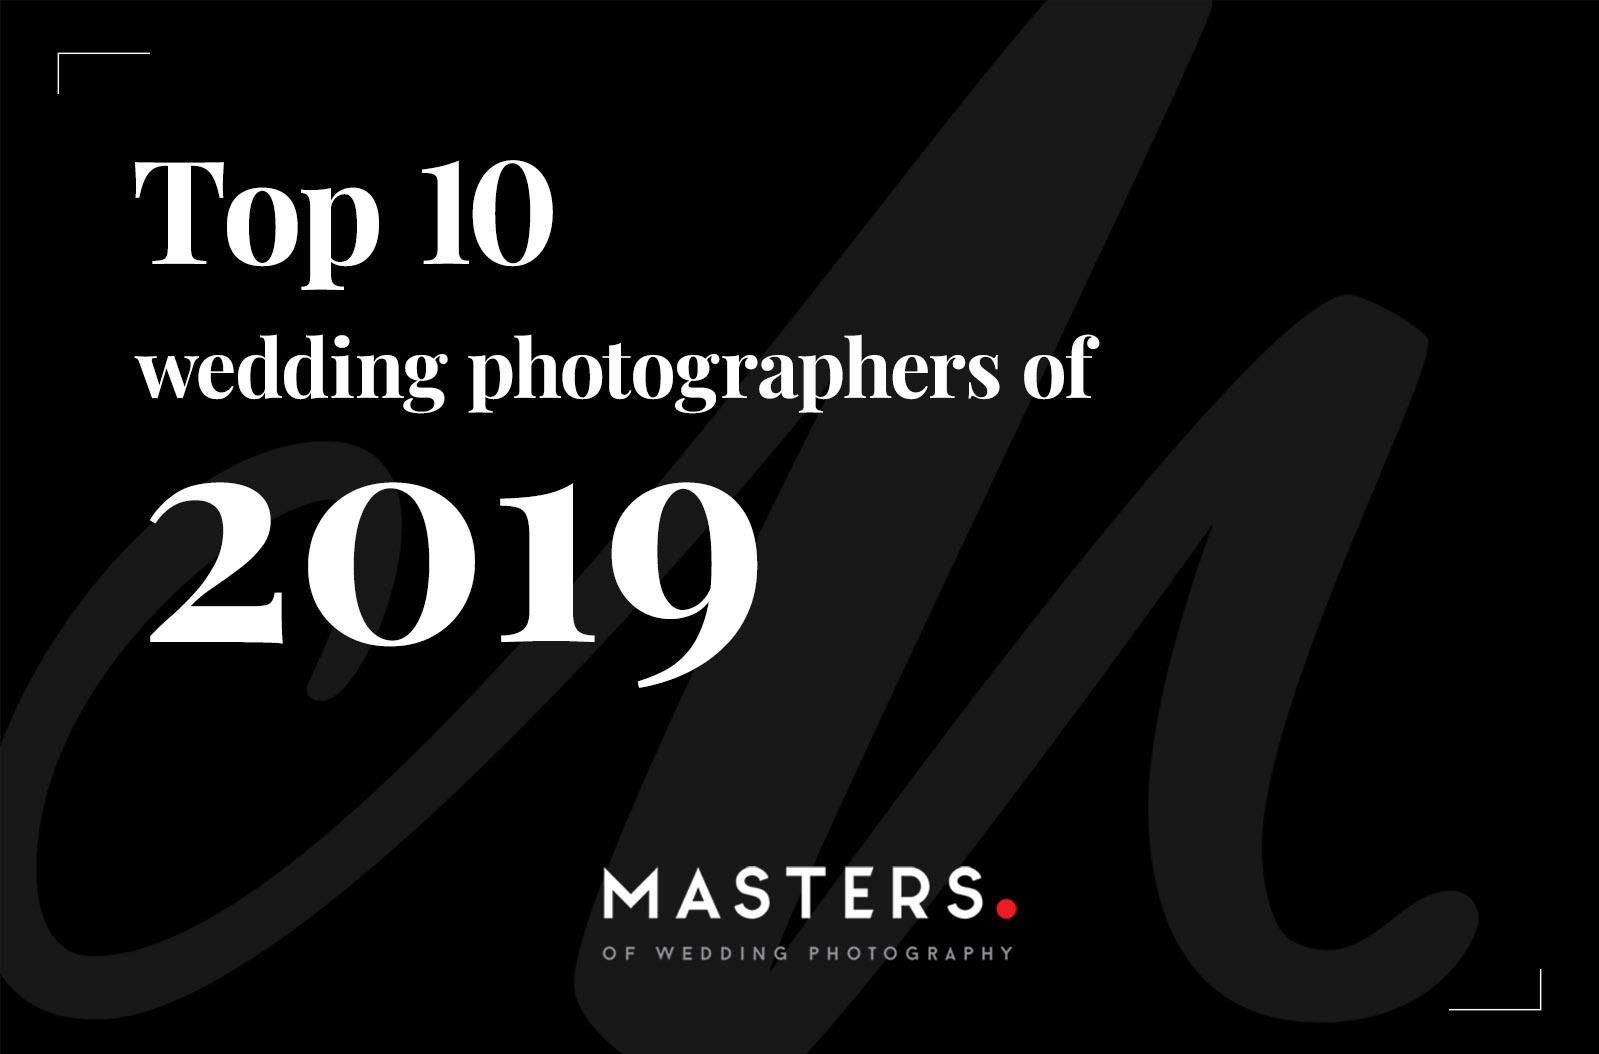 Top 10 trouwfotografen van 2019